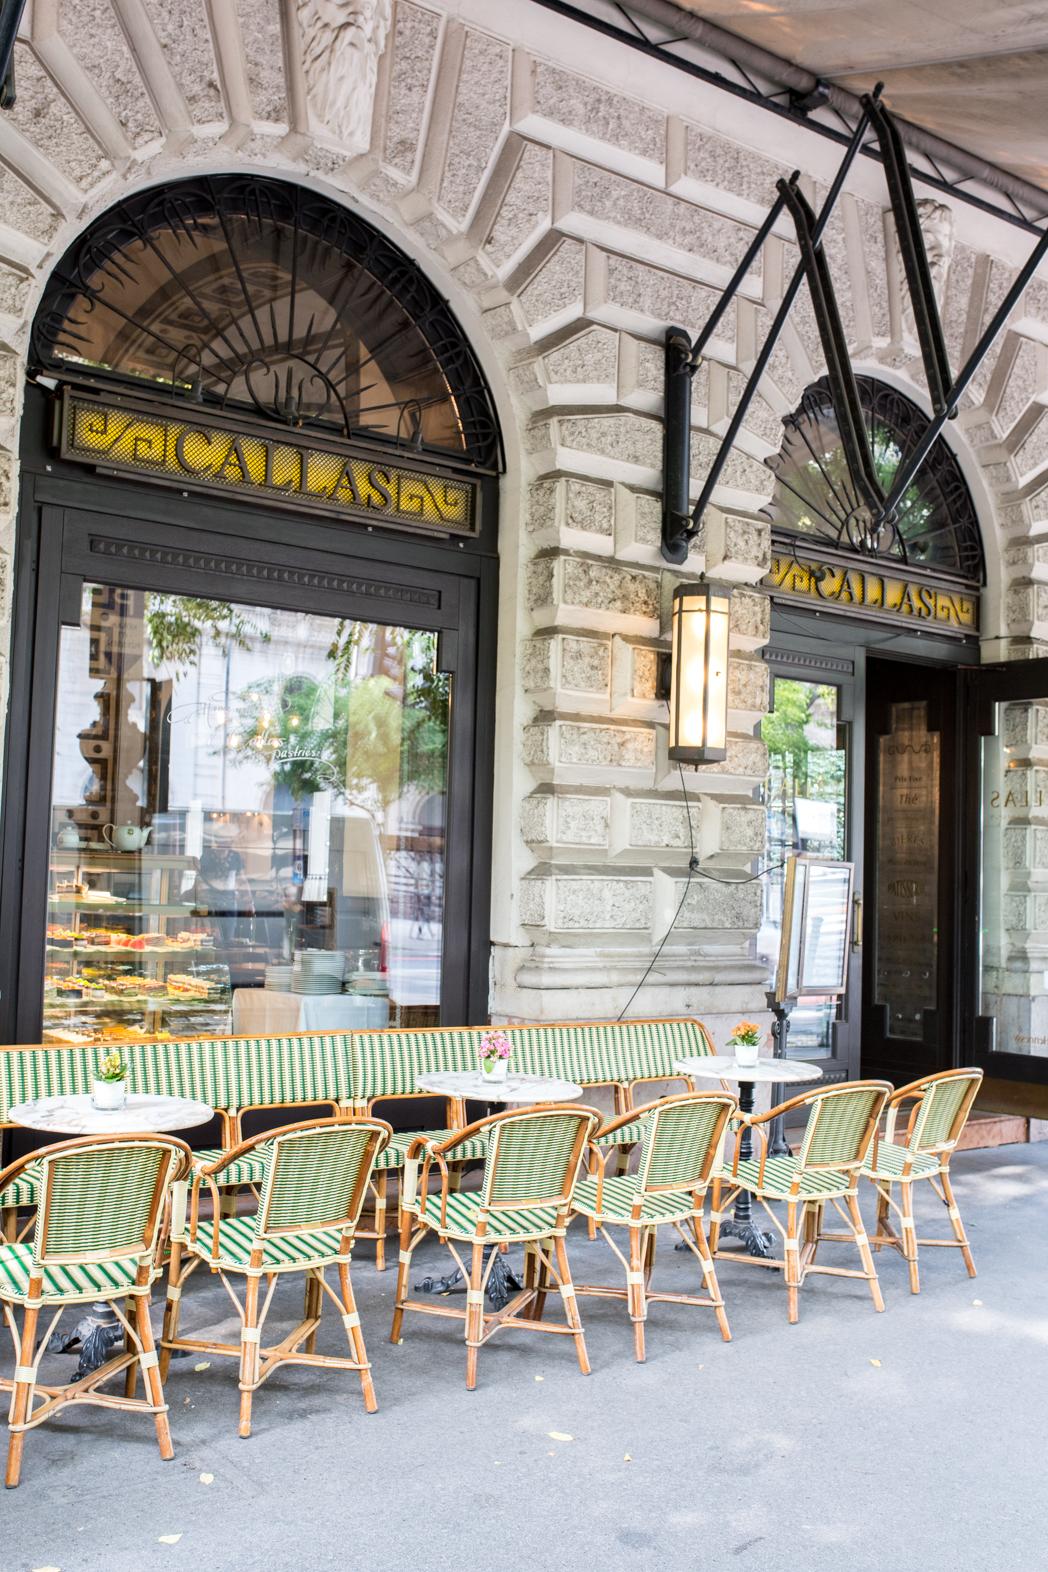 Stacie Flinner Top 10 Things Budapest-31.jpg